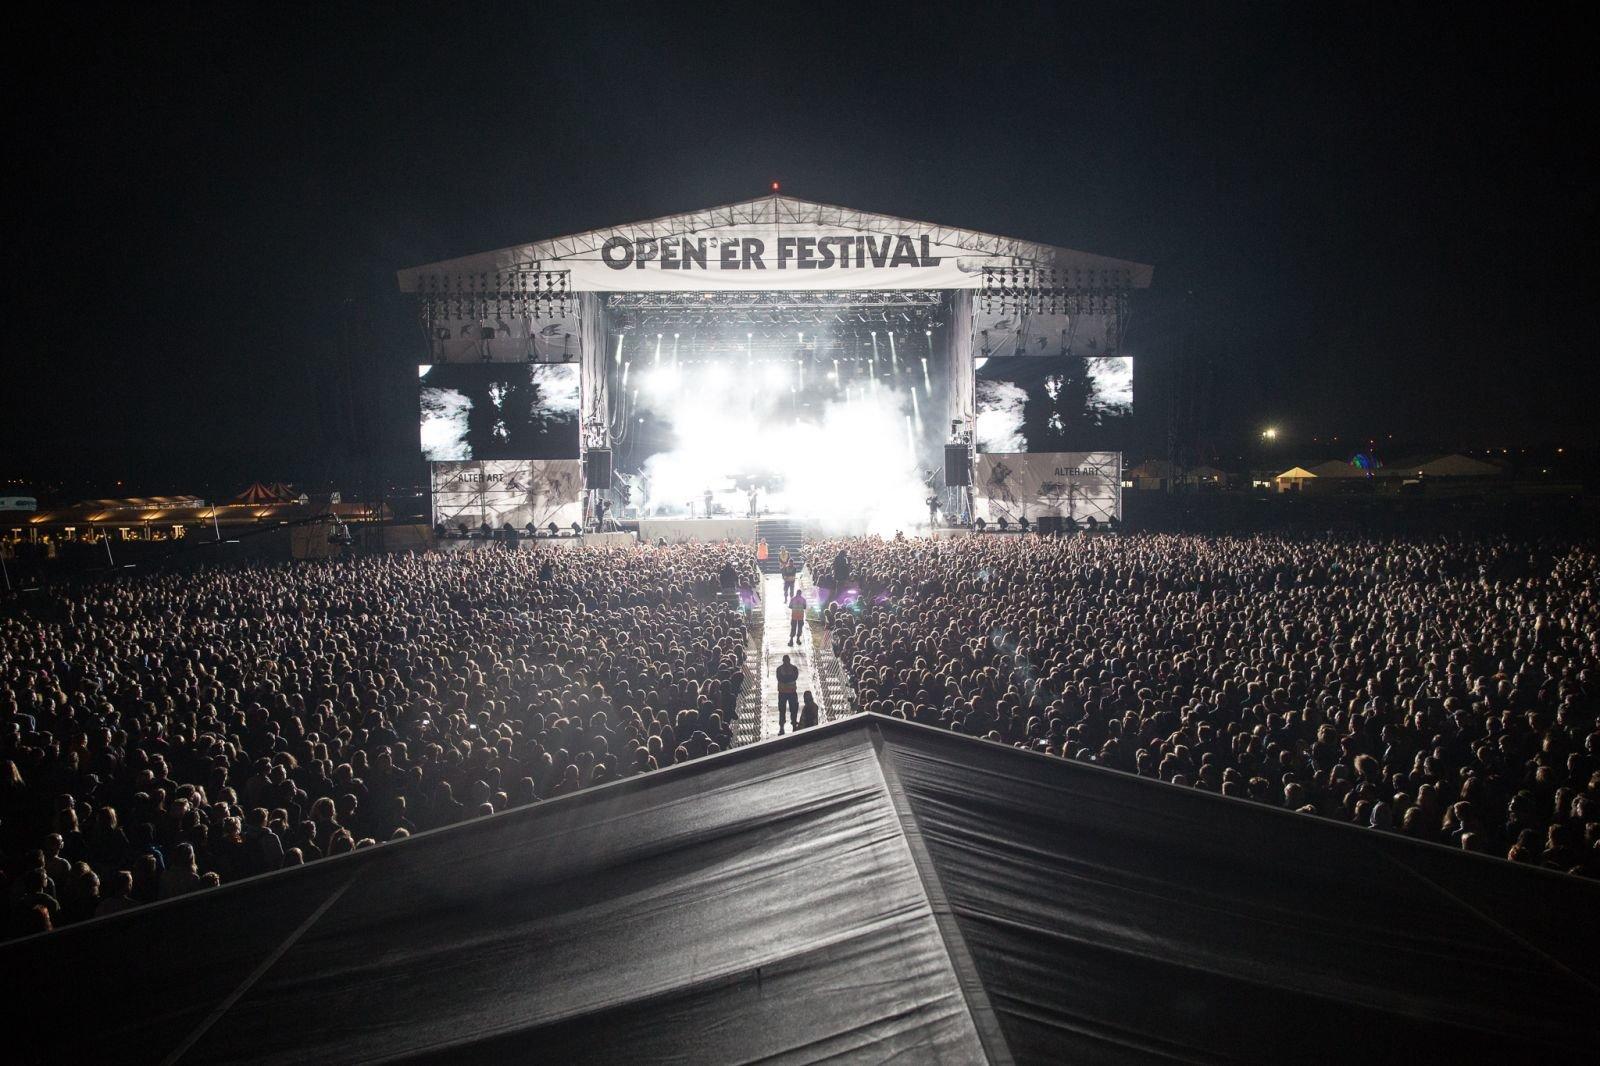 Antyradio zagra z Open'er Festival 2018